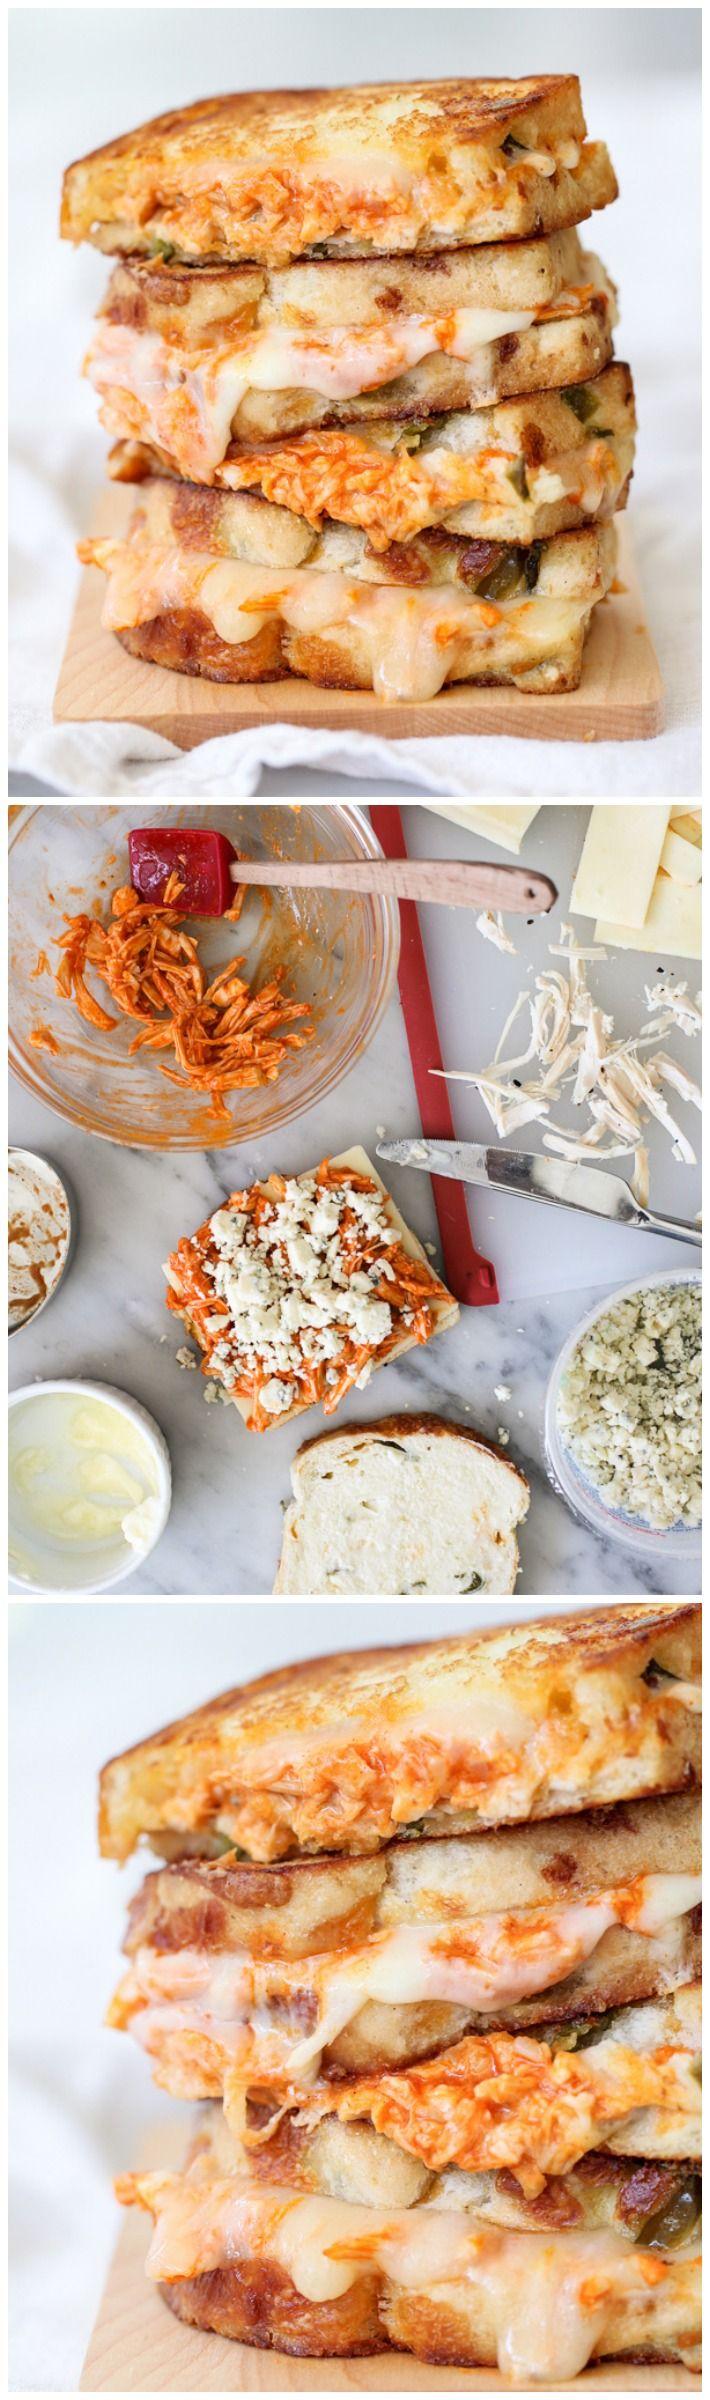 Buffalo Chicken Grilled Cheese Sandwich | foodiecrush.com #recipe @Heidi Haugen Haugen Haugen | FoodieCrush